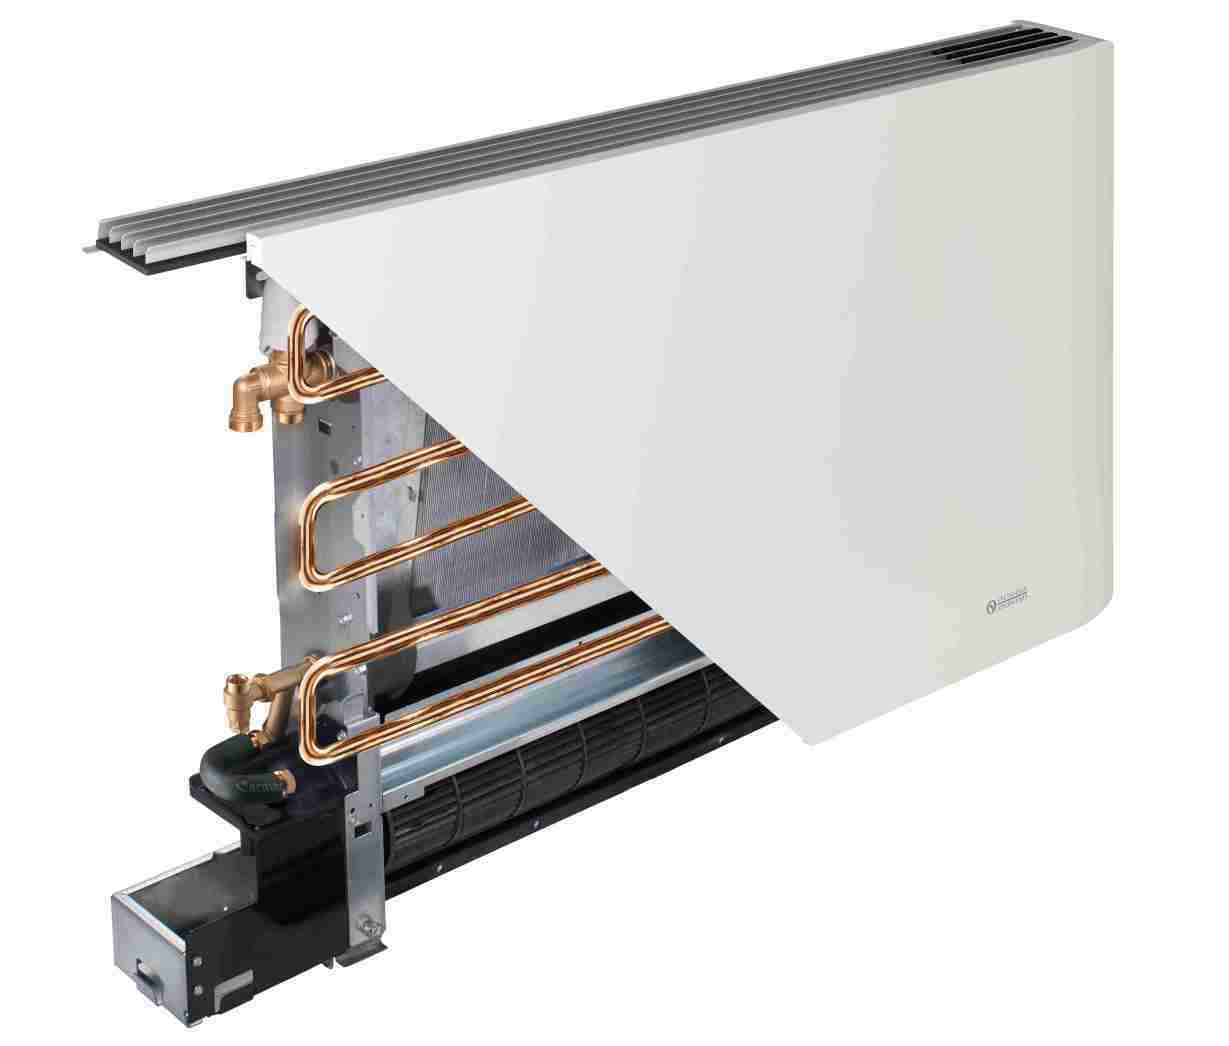 Pompa Di Calore Ventilconvettori cos'è il fancoil e come funziona • benvenuto nello shop del